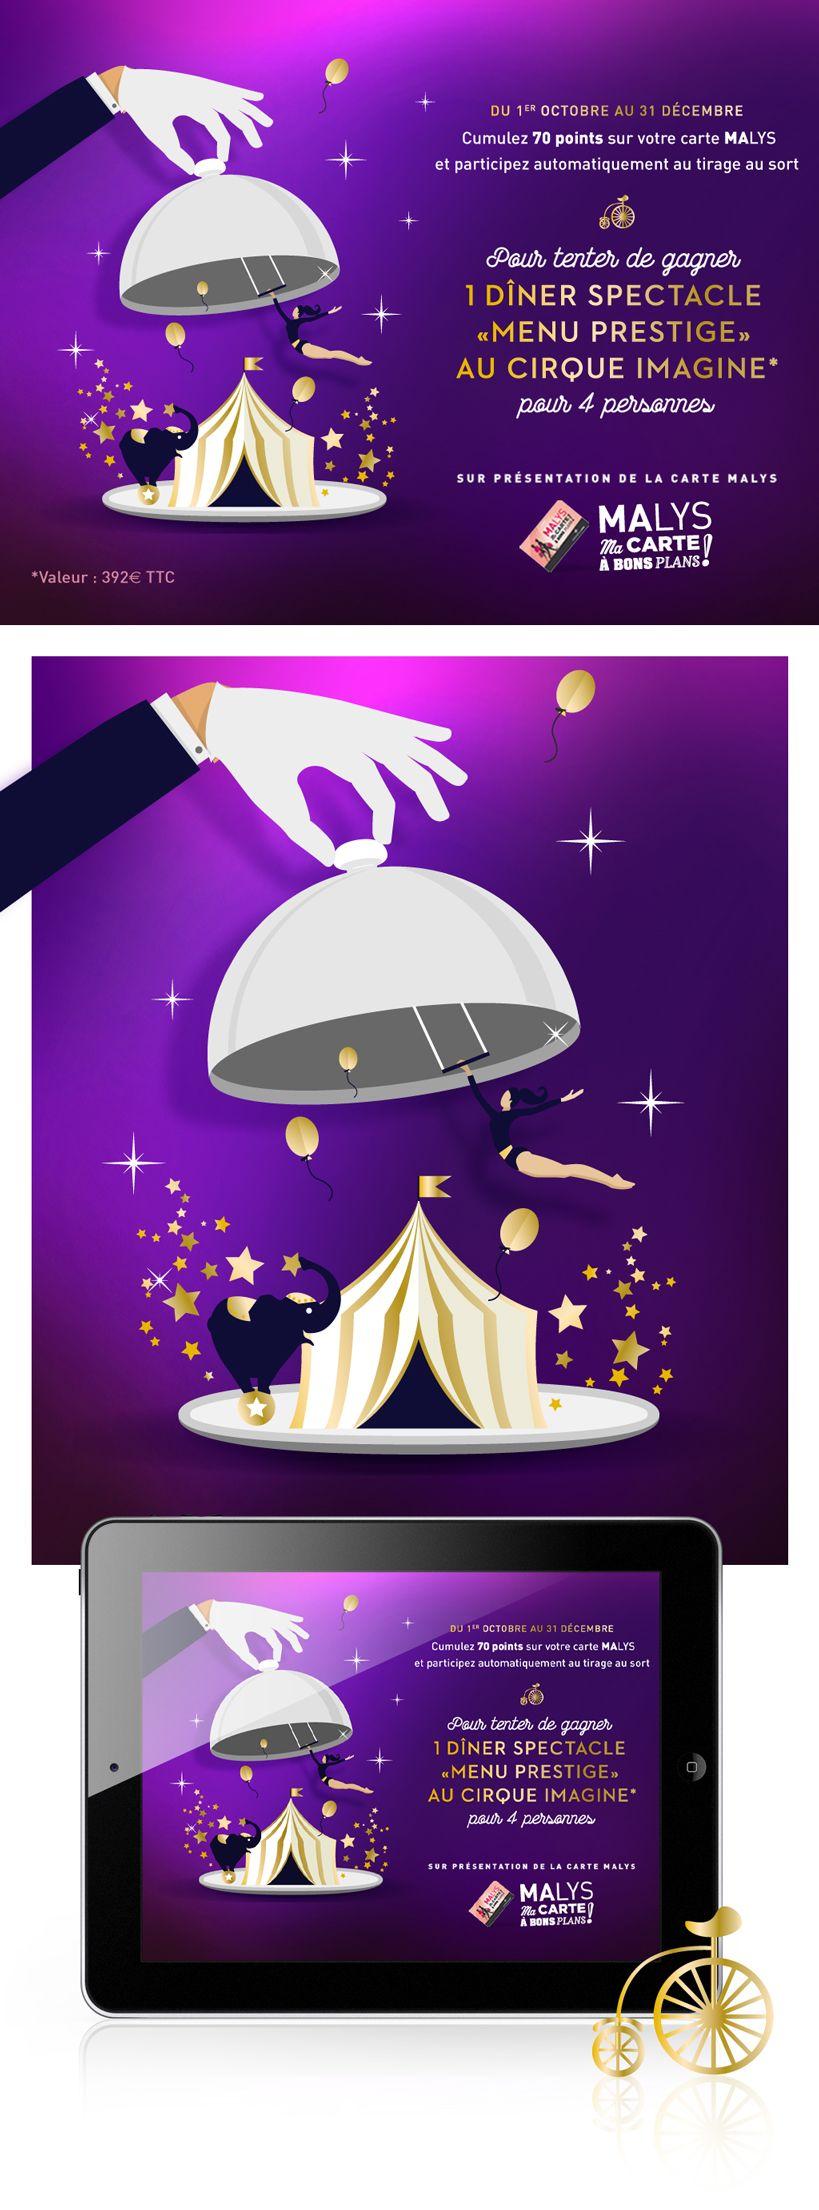 Aéroports de Lyon nous emmène au cirque   Une belle réalisation de notre D.A. Clarisse pour la campagne digitale de fidélisation MALYS pour les Aéroports de Lyon. Du 1er octobre au 31 décembre 2016, les porteurs de la carte Malys valable dans les boutiques de l'aéroport et réservée au personnel de la plateforme, s'ils ont cumulés 70 points, participeront à un tirage au sort pour gagner un Dîner spectacle Menu Prestige pour 4 personnes au CIRQUE IMAGINE.